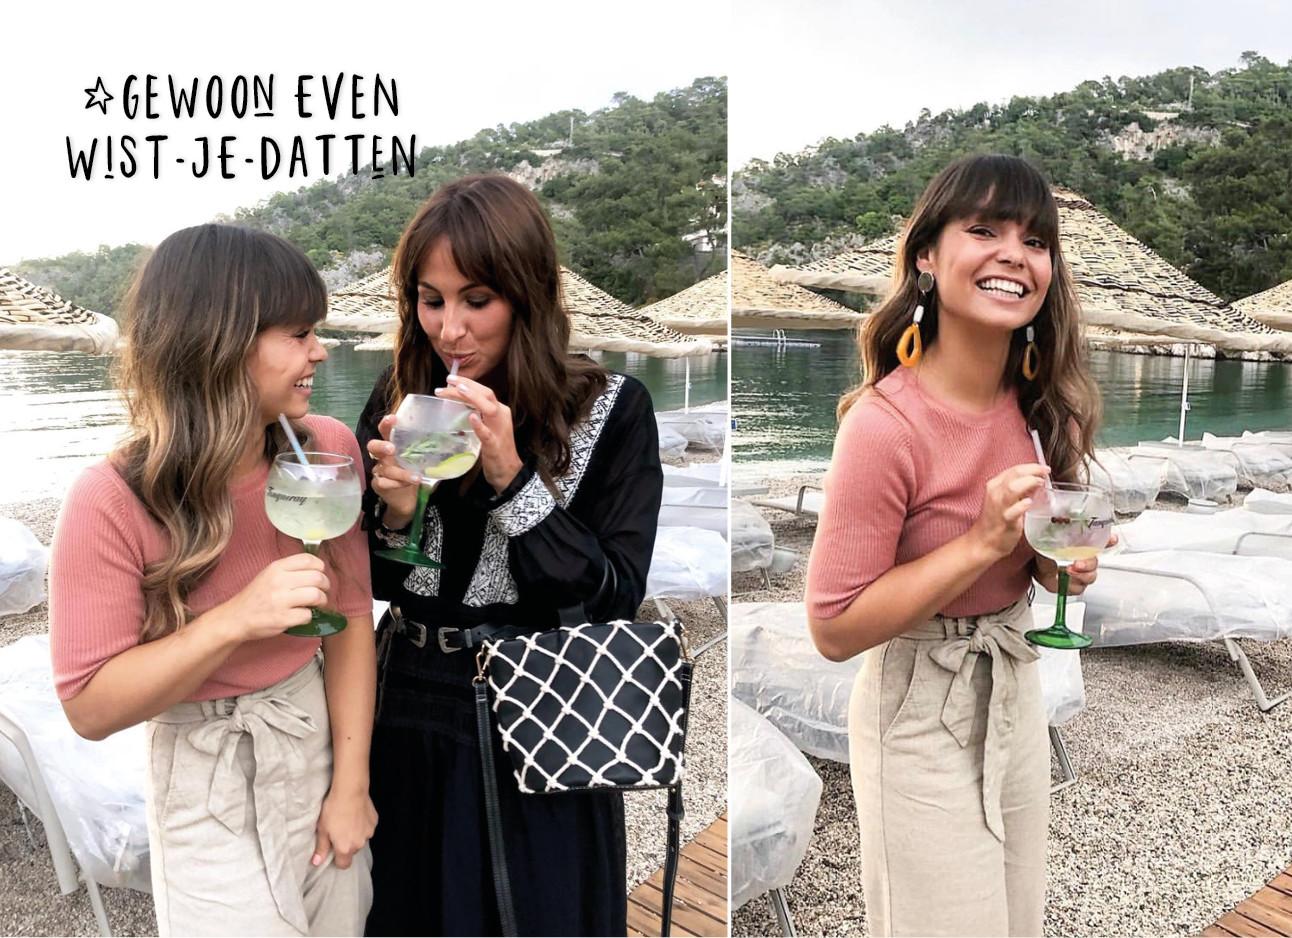 2 vrouwen lachen op het strand met een drankje